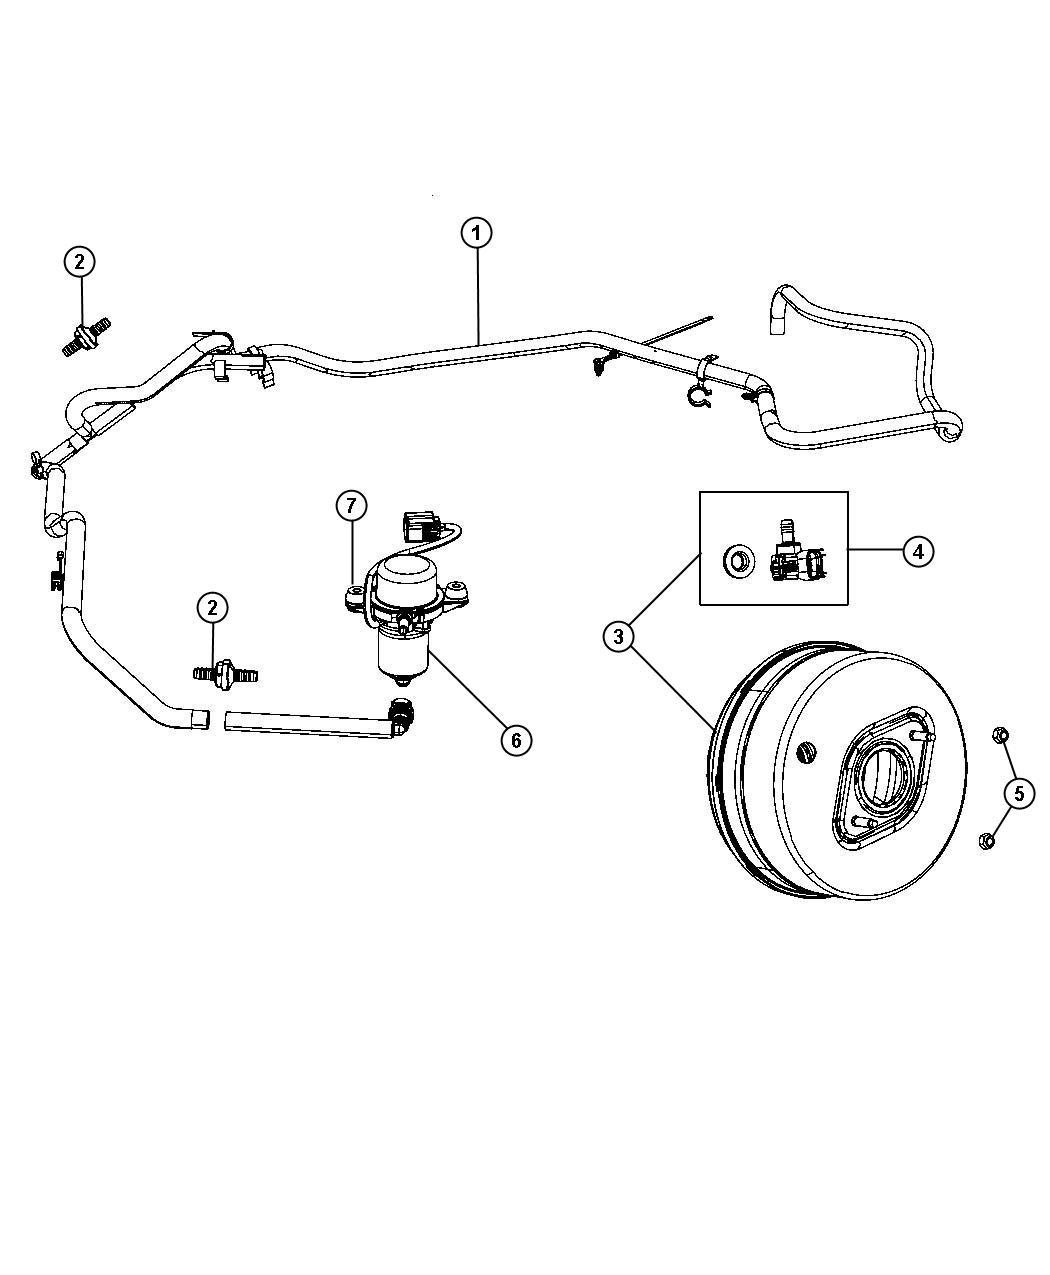 [DIAGRAM] Grand Cherokee Vacuum Hose Diagram FULL Version